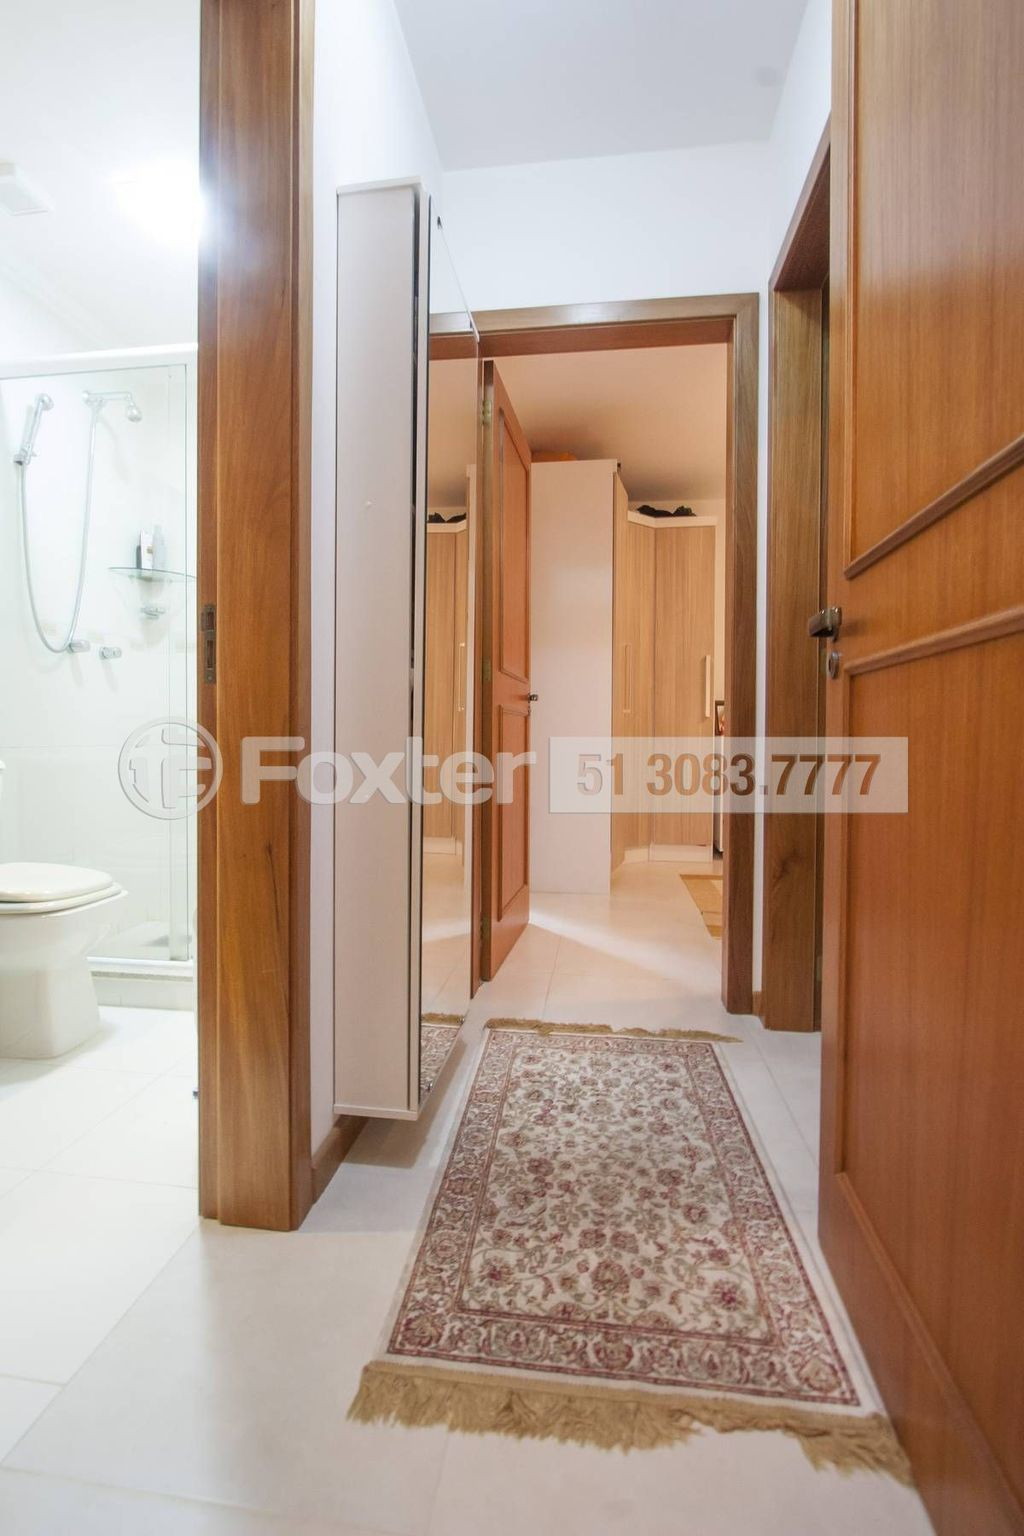 Foxter Imobiliária - Apto 2 Dorm, Jardim Botânico - Foto 7